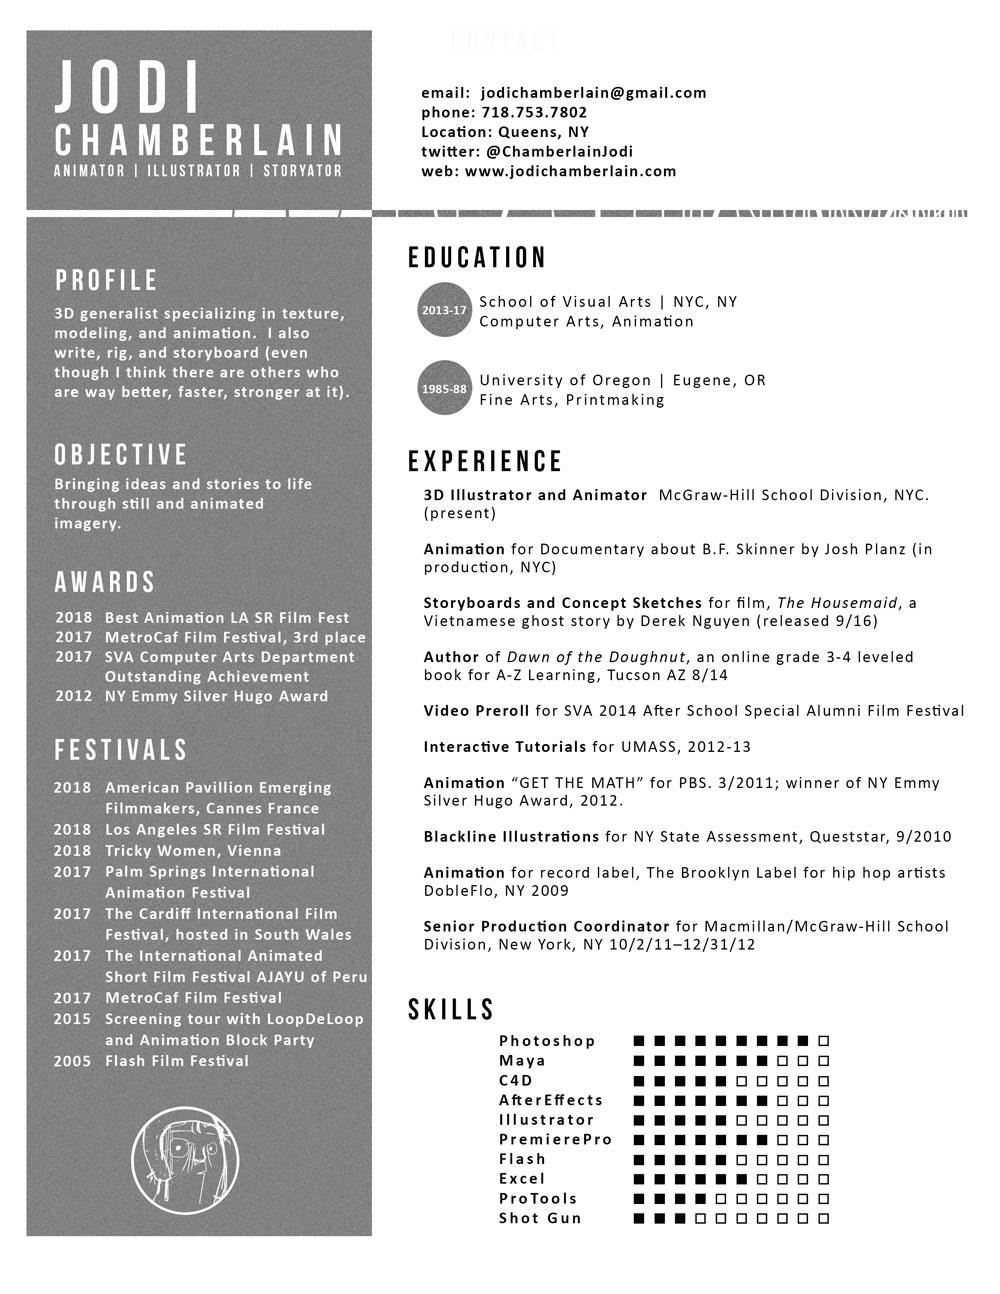 jodi chamberlain - Resume